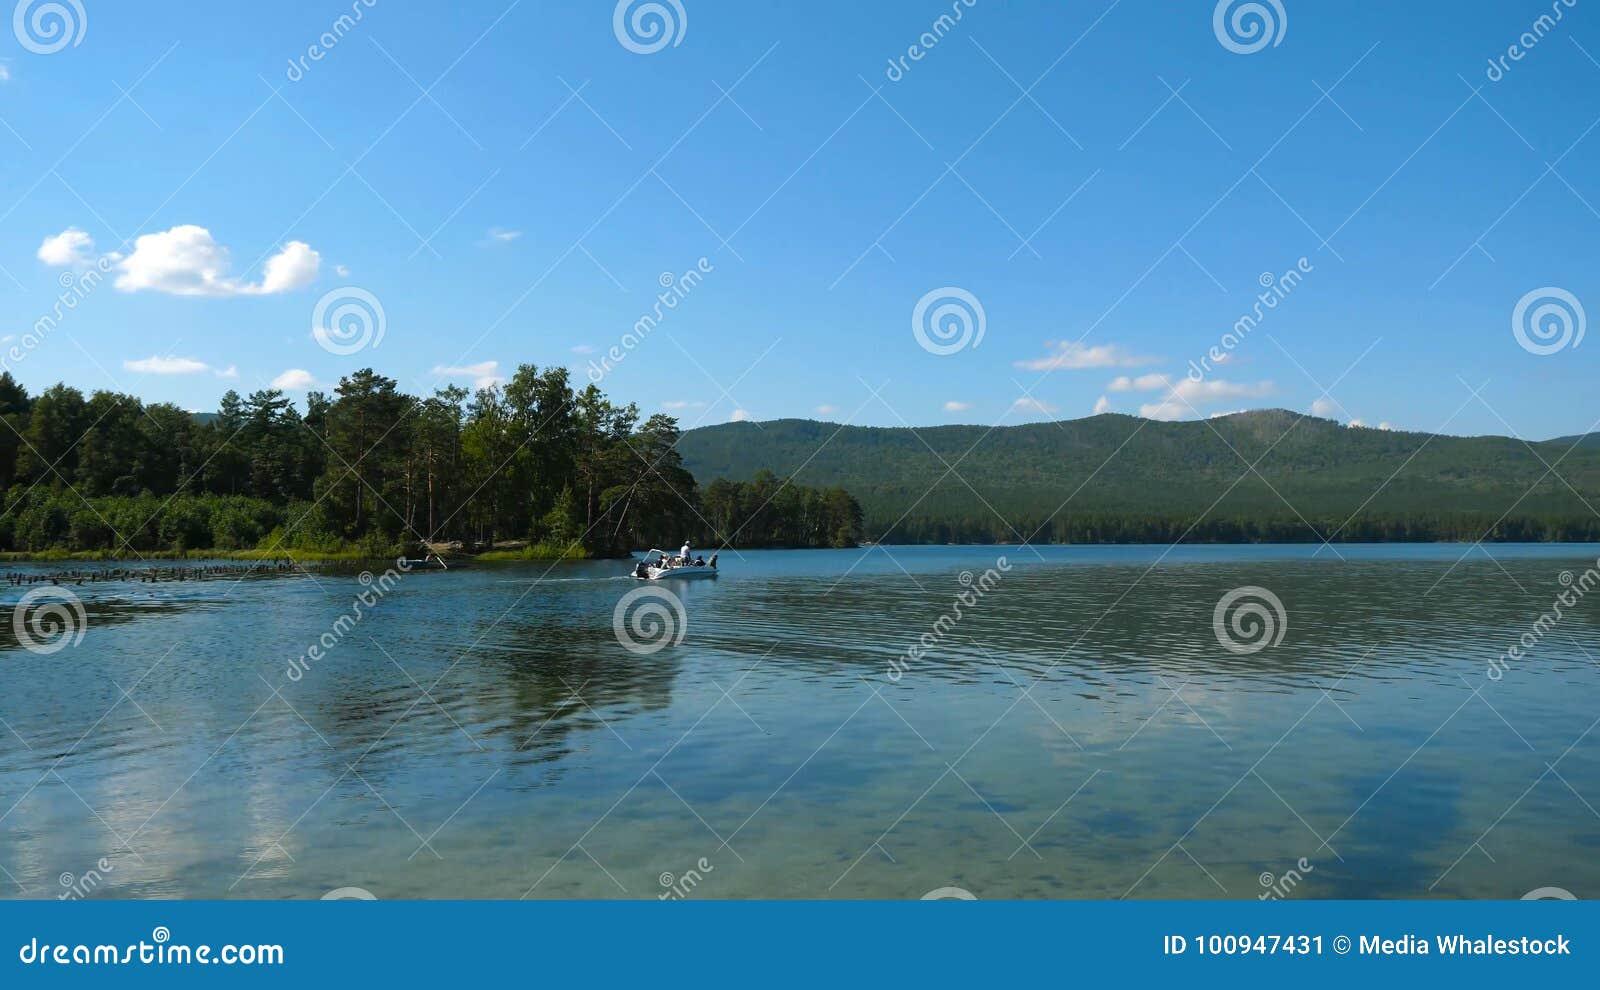 O transporte do barco no rio, monta abaixo de um rio tropical bonito, grupo de povos felizes no lago Barco a motor com